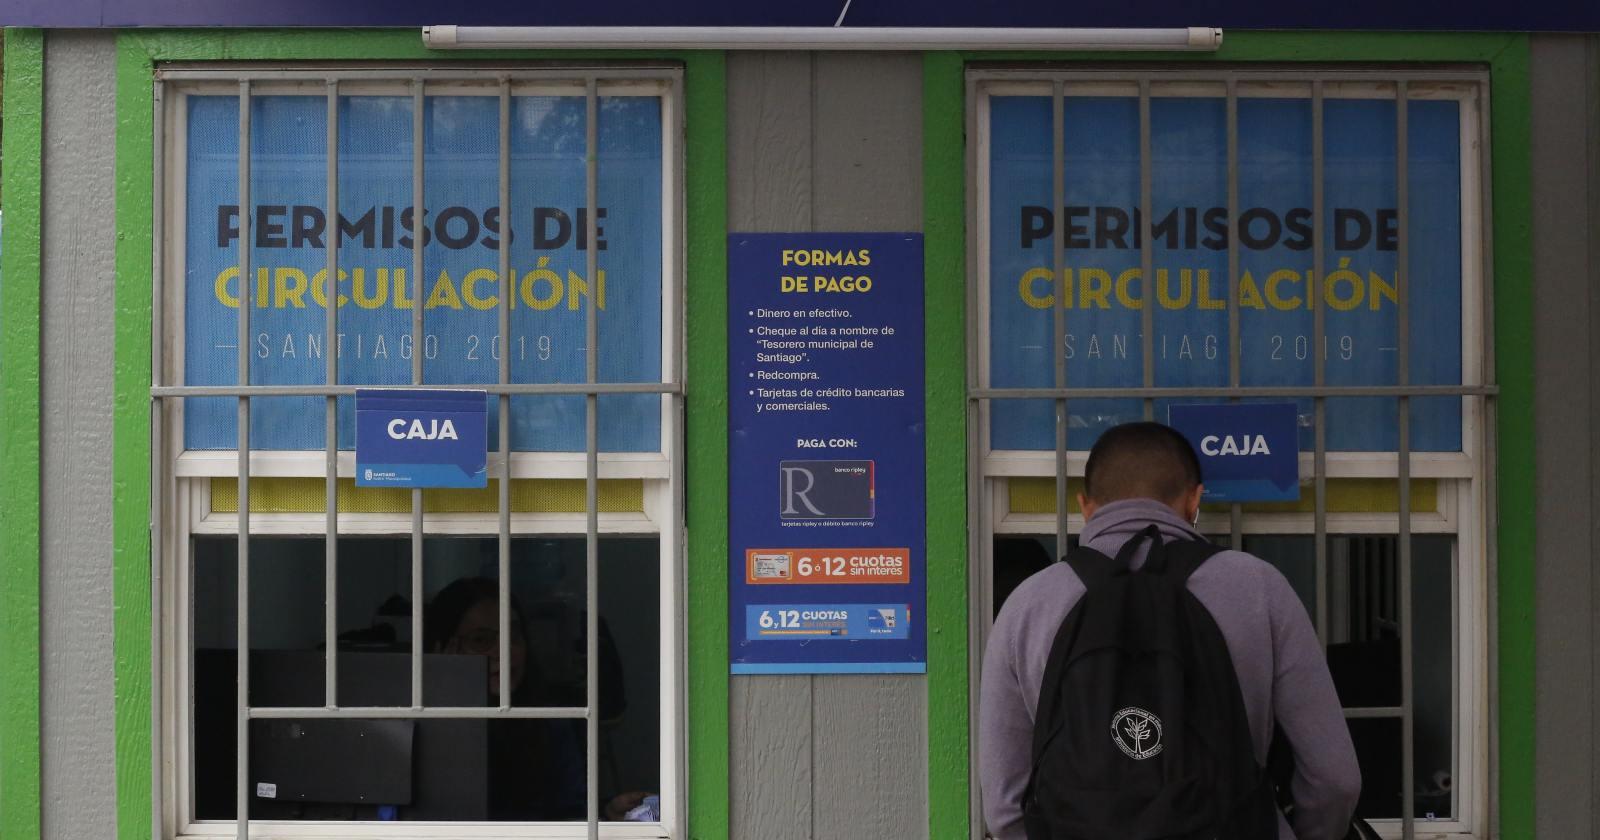 Permisos de circulación: Matthei y Lavín advierten sobre errores que podrían perjudicar a conductores